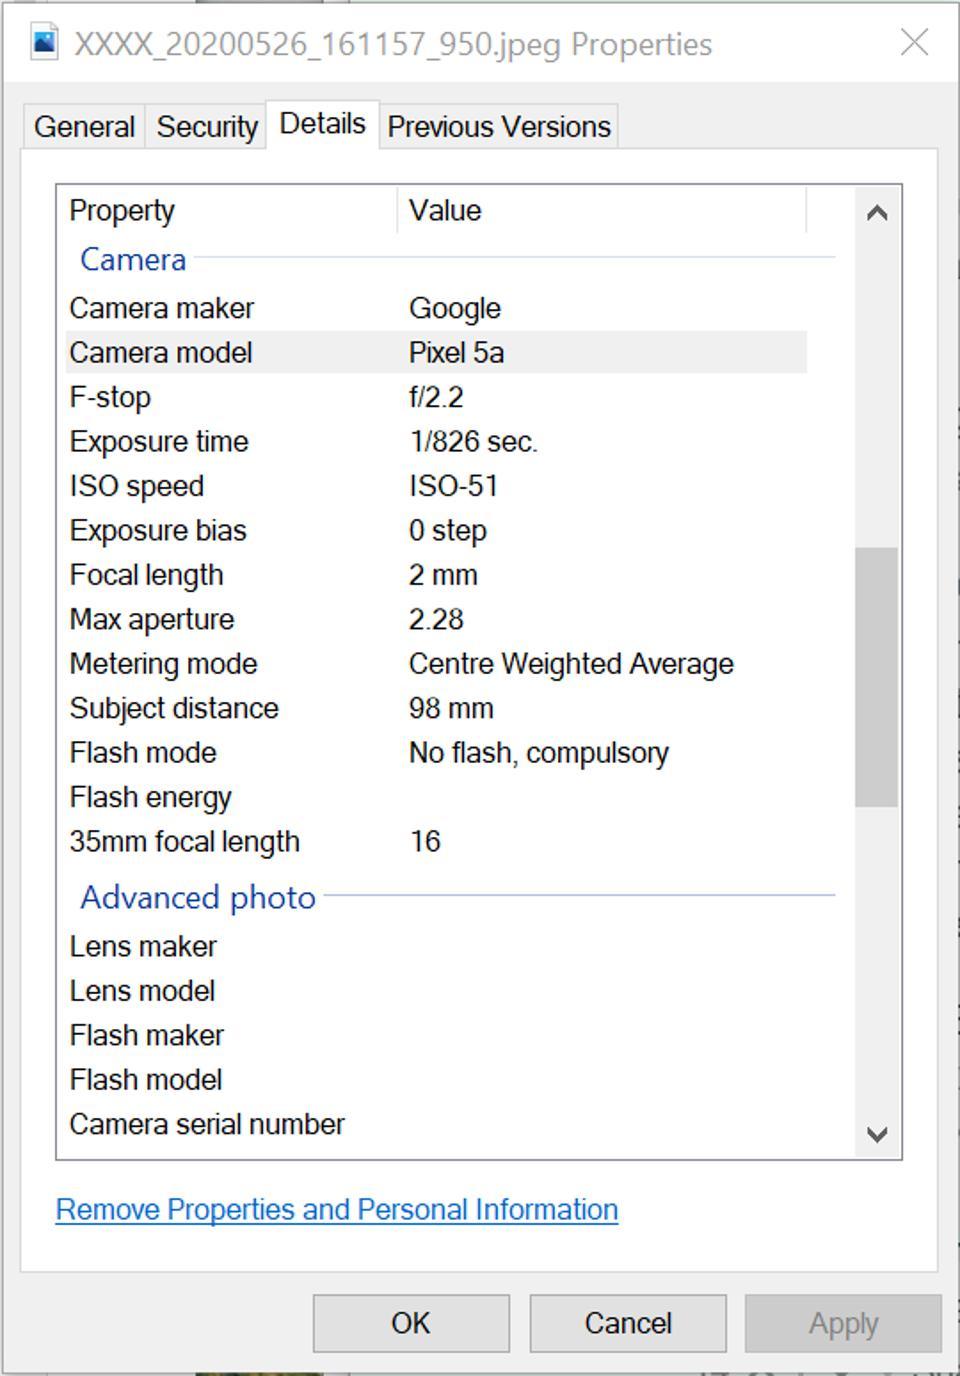 Görüntüde yer alan EXIF verileri, onu yakalamak için kullanılan kamera hakkında ilginç ayrıntıları ortaya çıkarır.